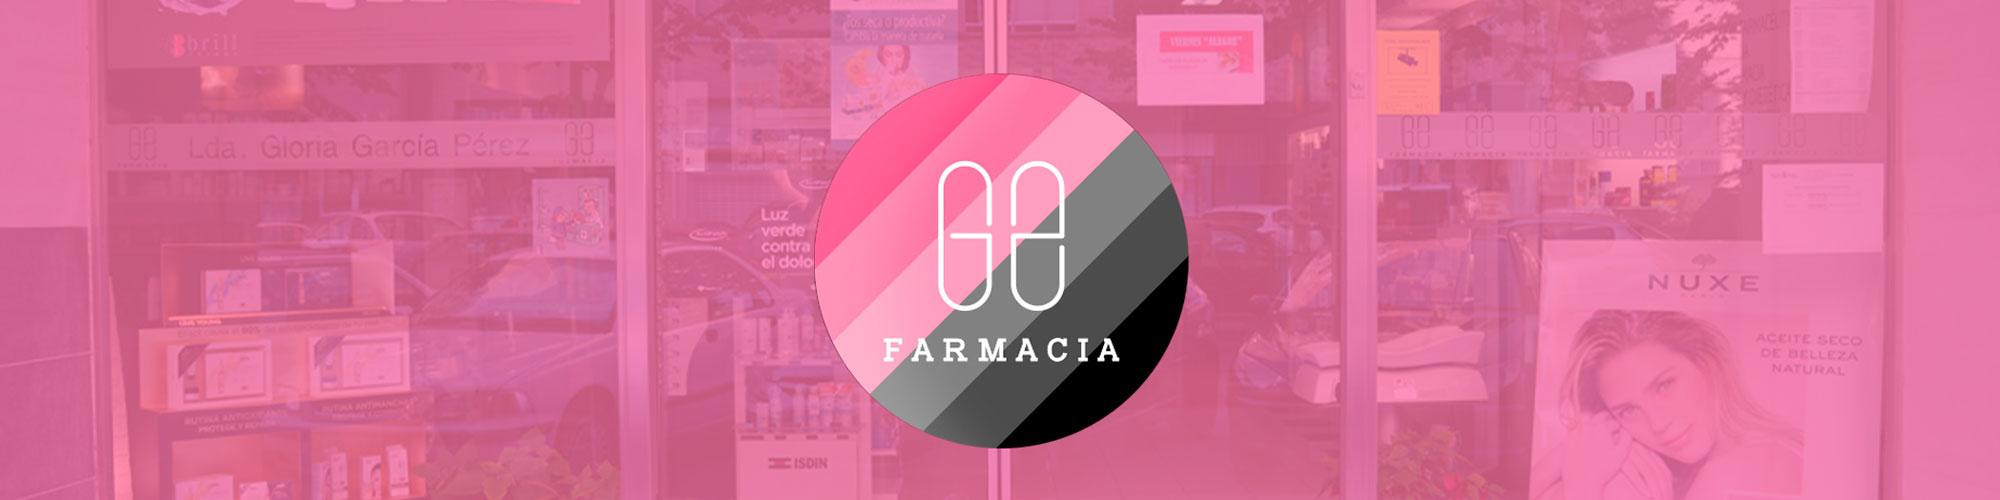 Farmacia G2